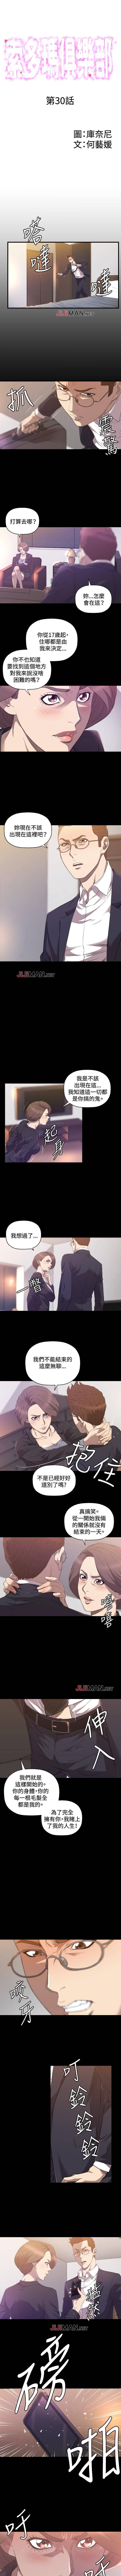 【已完结】索多玛俱乐部(作者:何藝媛&庫奈尼) 第1~32话 138